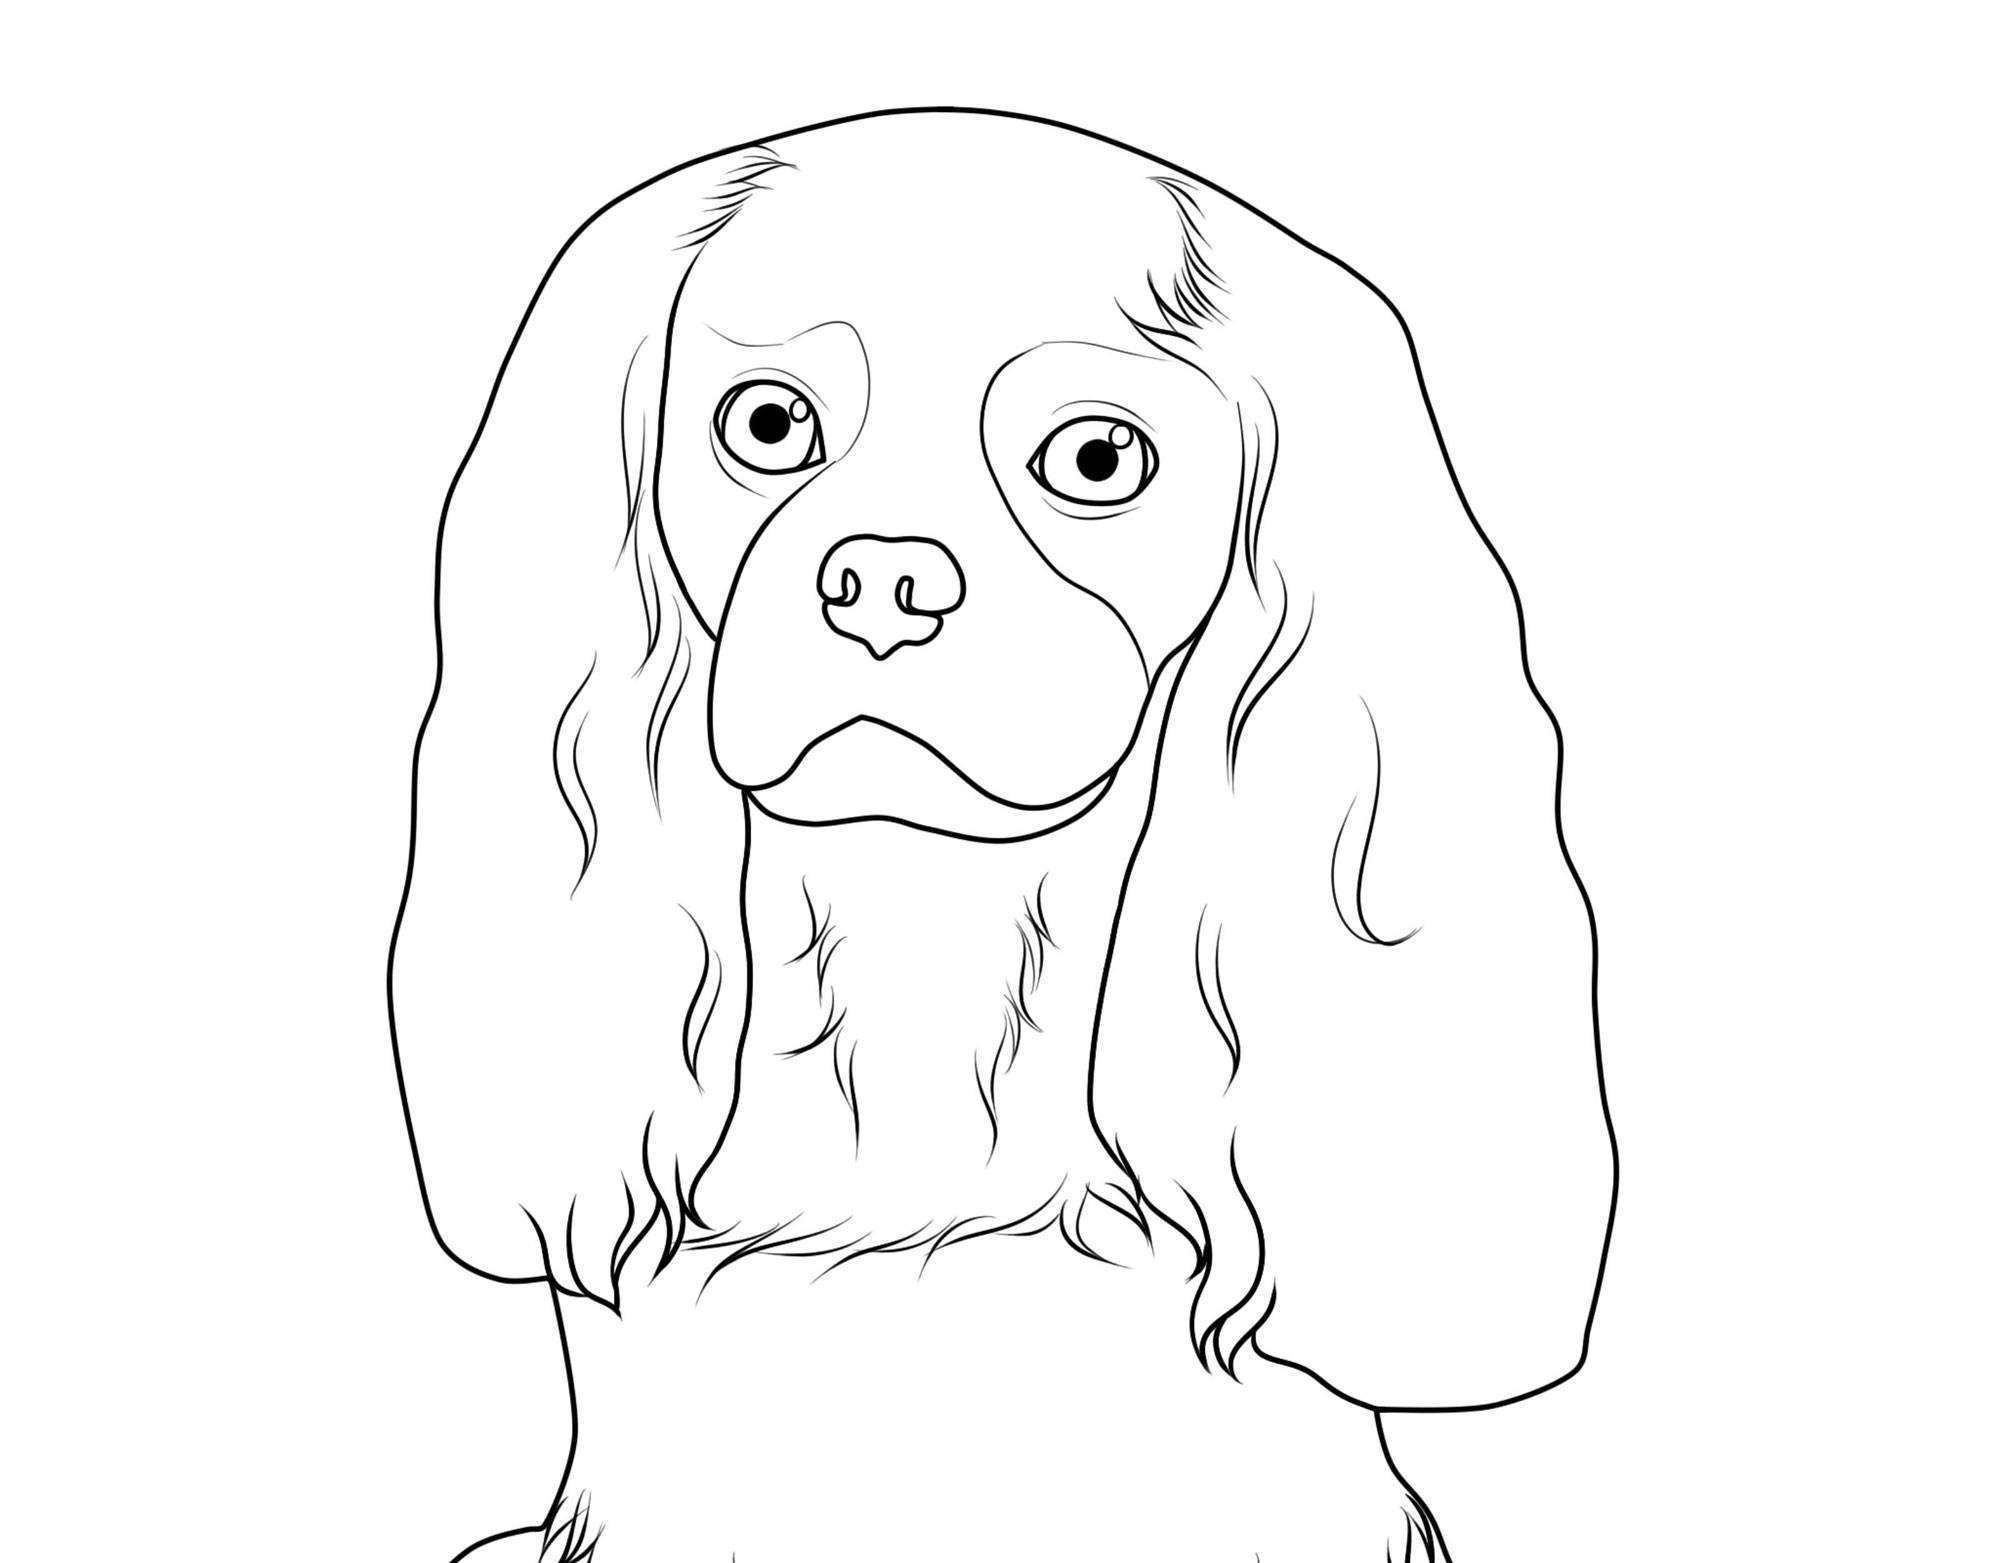 Nett Malvorlagen Kostenlos Hunde Galerie Entry Level Resume